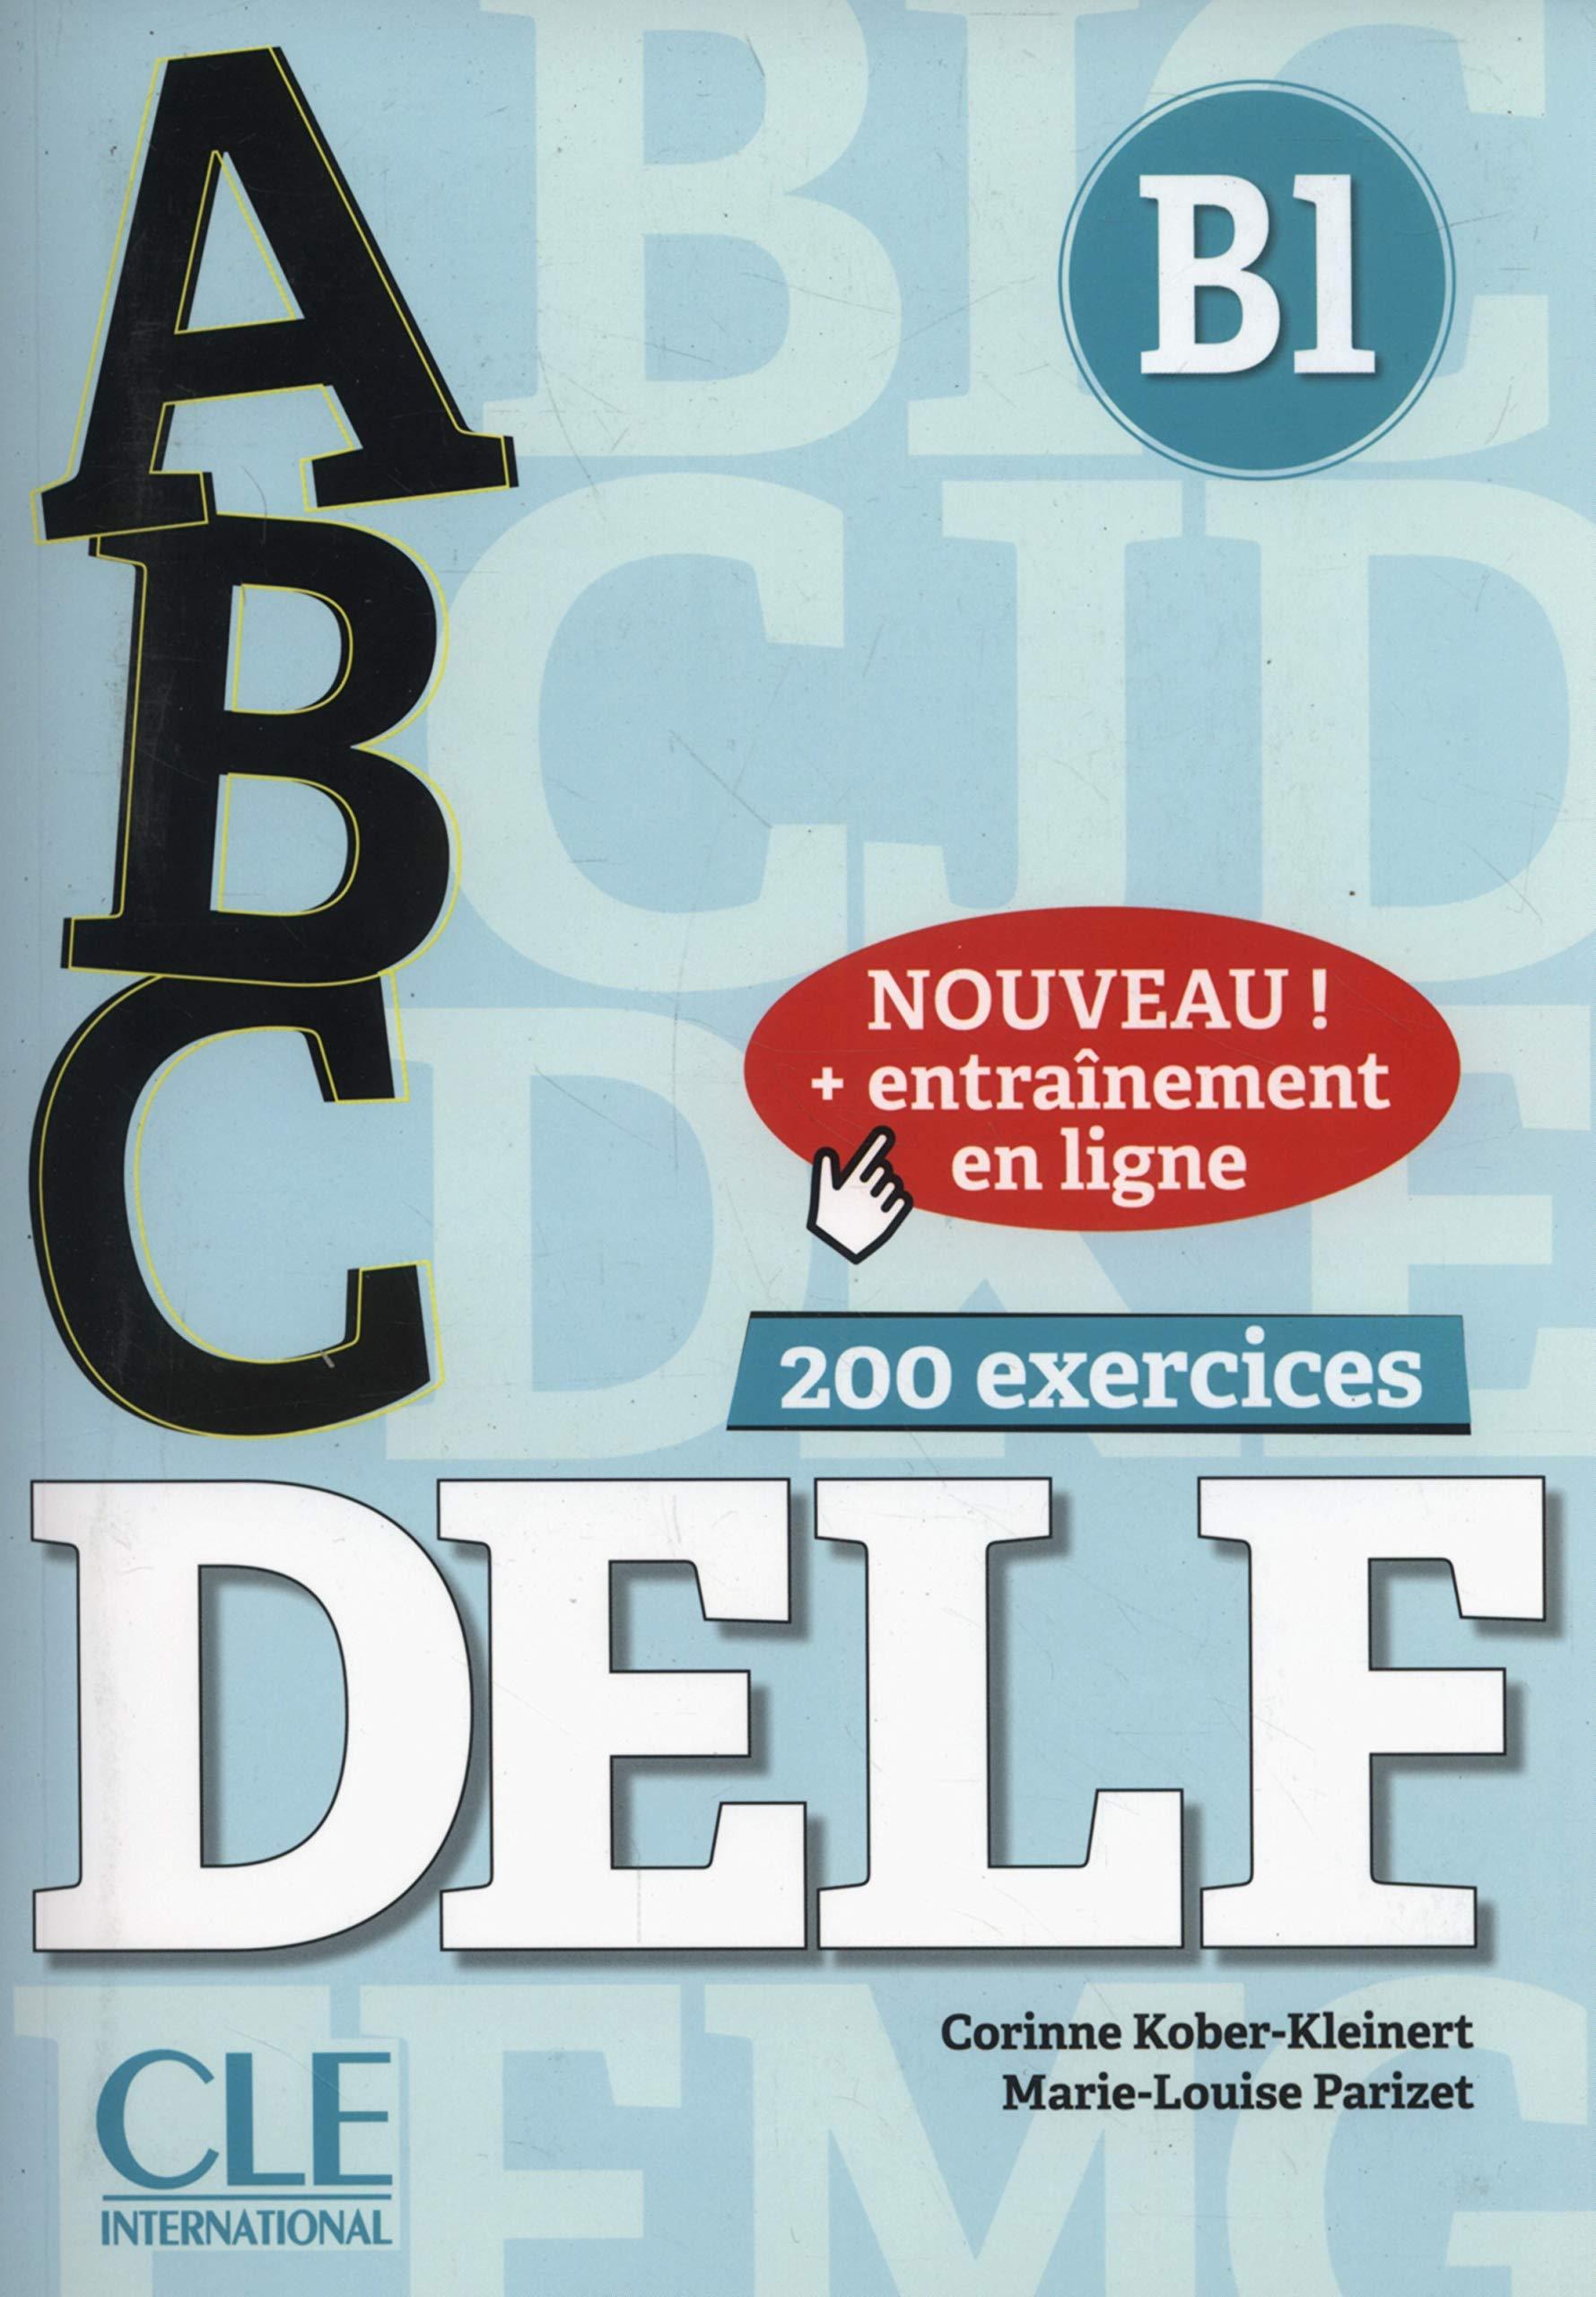 Abc Delf Livre B1 Cd Entrainement En Ligne French